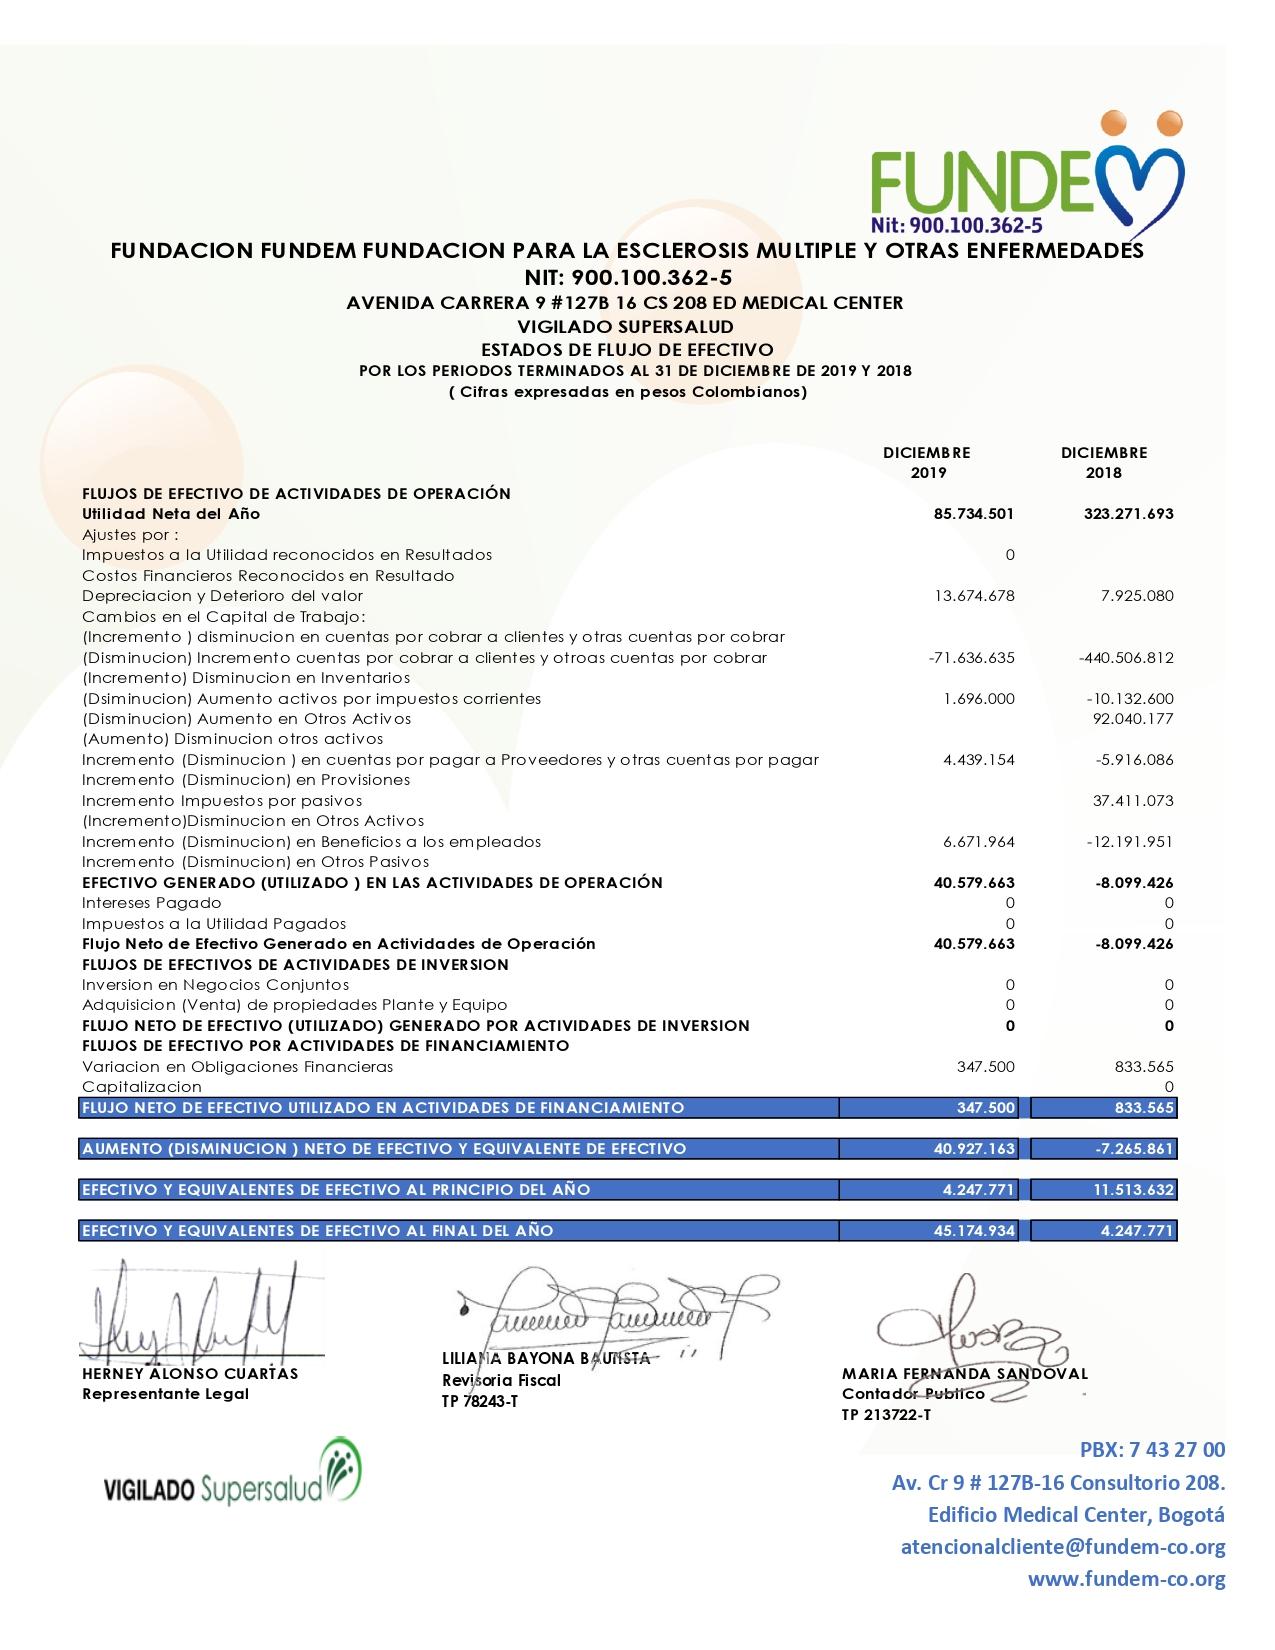 ESTADOS FINANCIEROS FUNDACION FUNDEM_page-0005